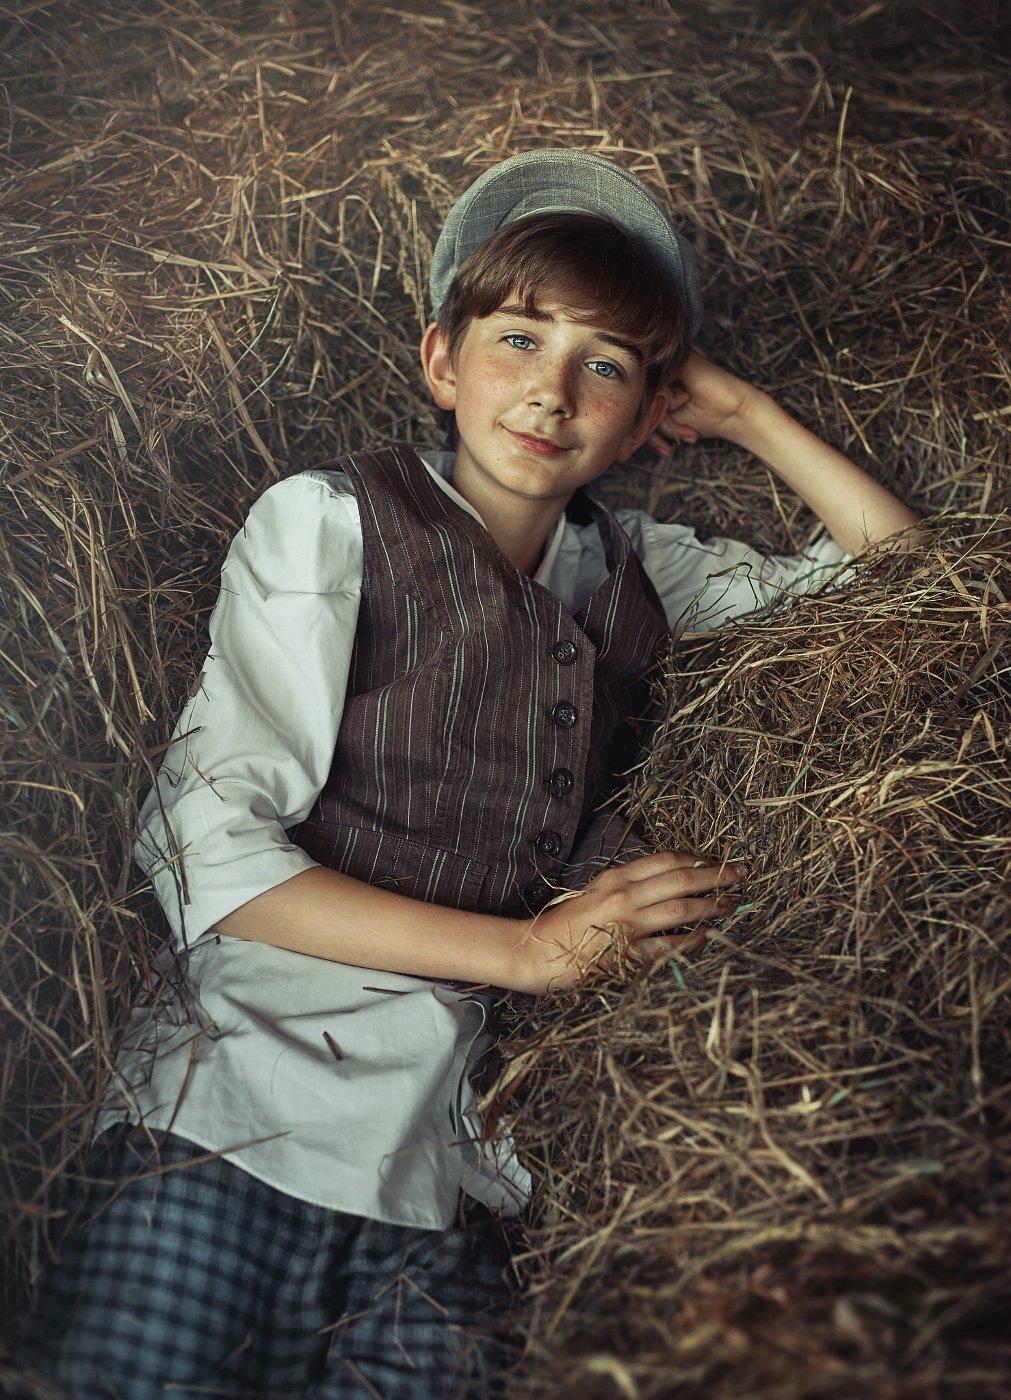 детство, детский портрет, лето, мальчик, настроение, сеновал, улыбка, взгляд, Прядко Наталья